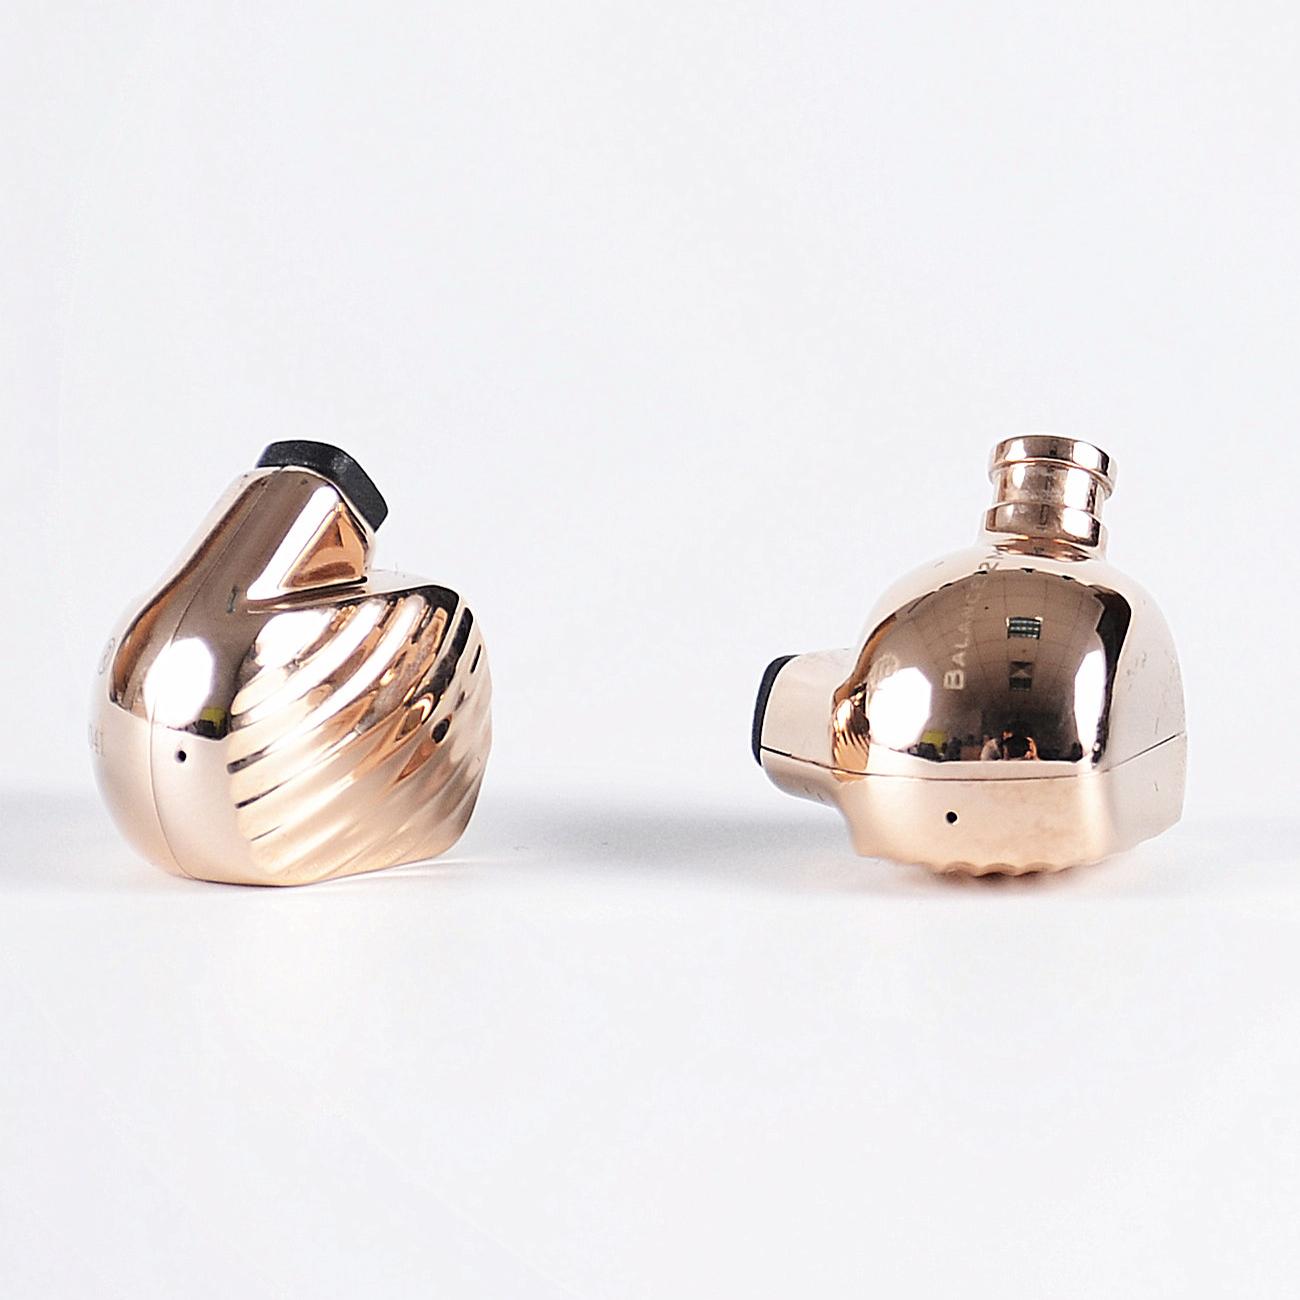 ขายหูฟัง TFZ Balance 2M หูฟัง IEM รุ่นล่าสุด บอดี้ metailic สายฉนวนถักแบบใหม่ ประกัน1ปี